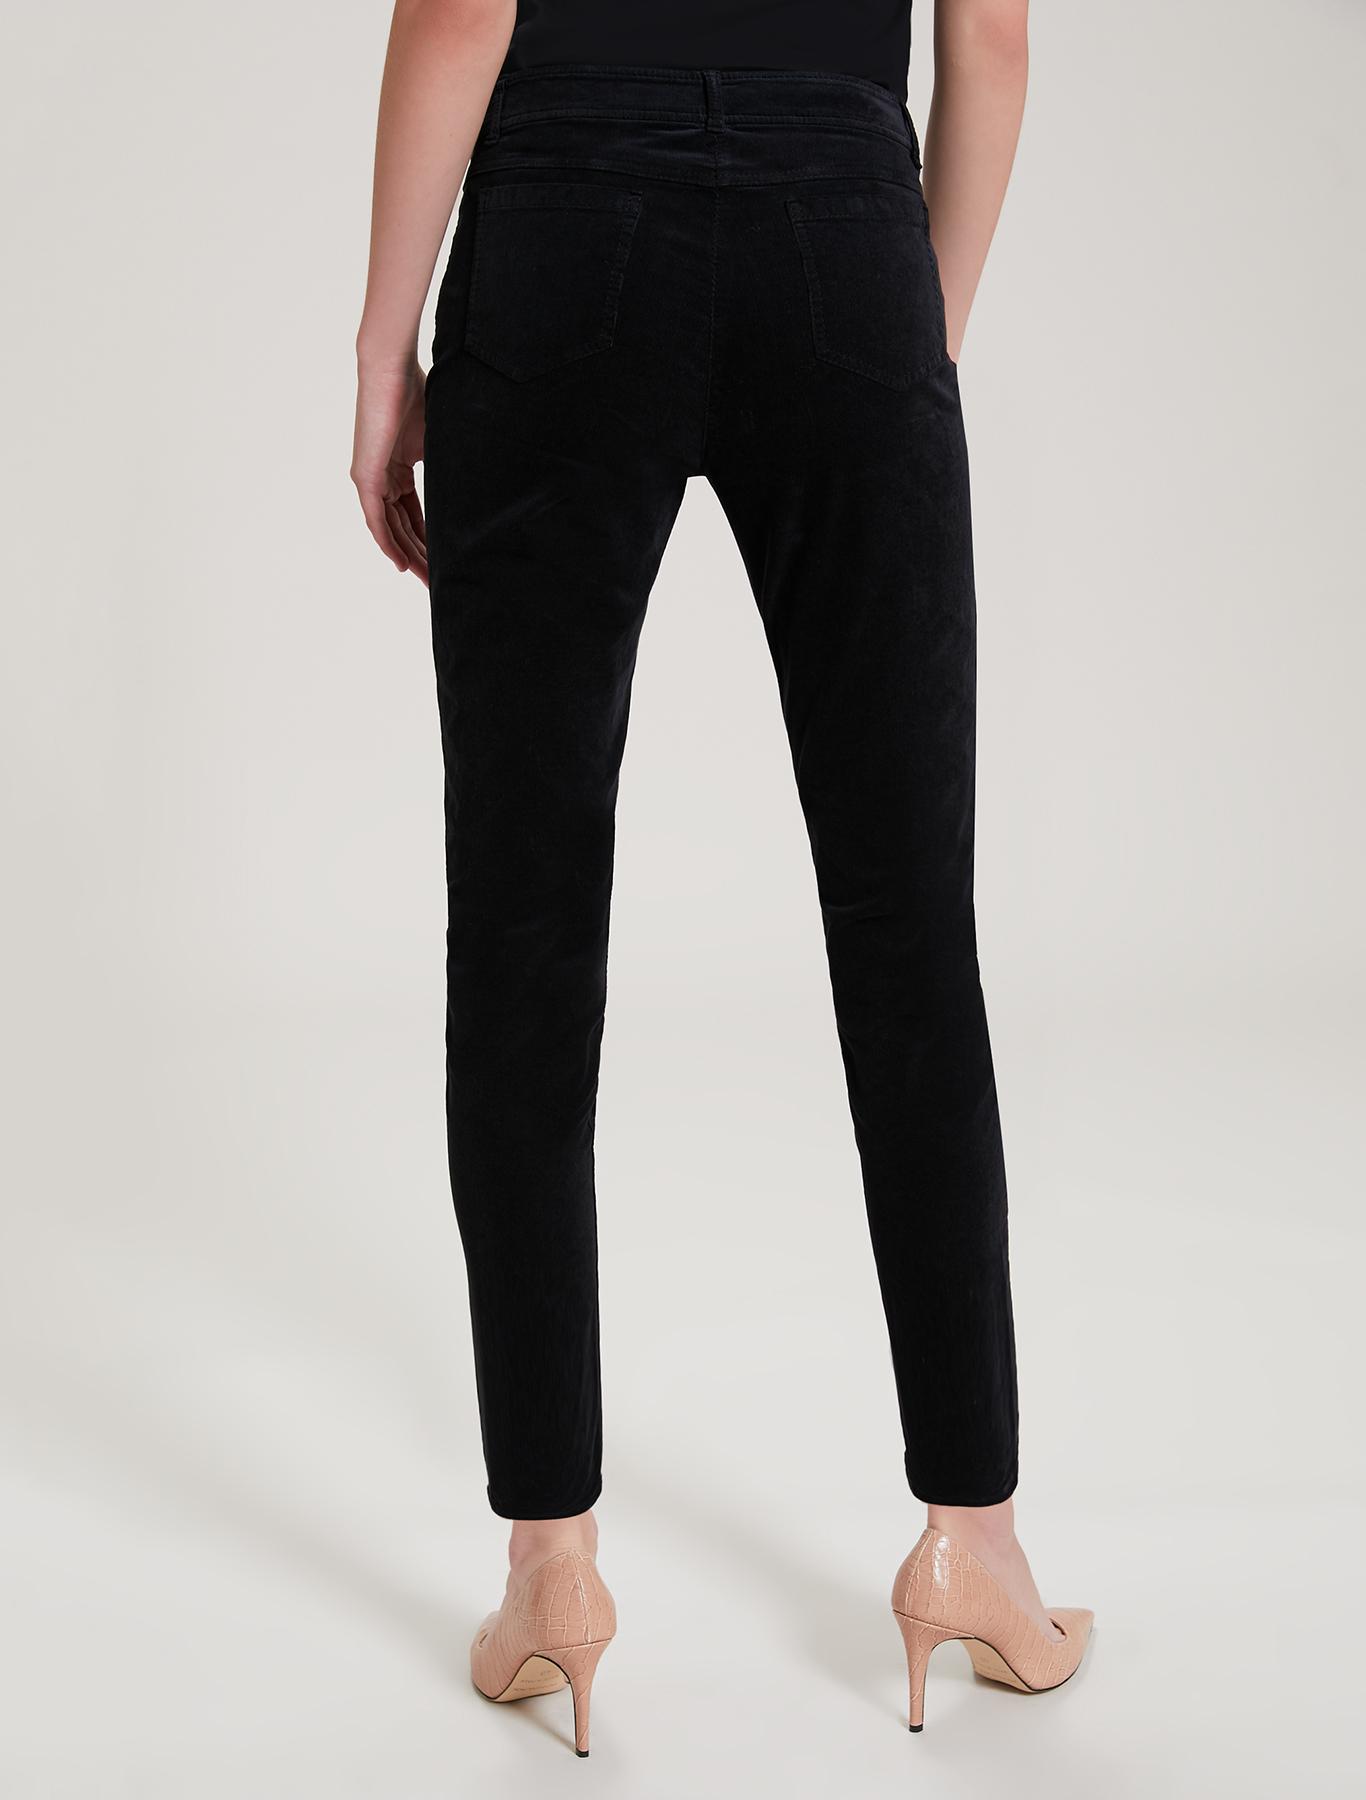 Ribbed velvet trousers - black - pennyblack